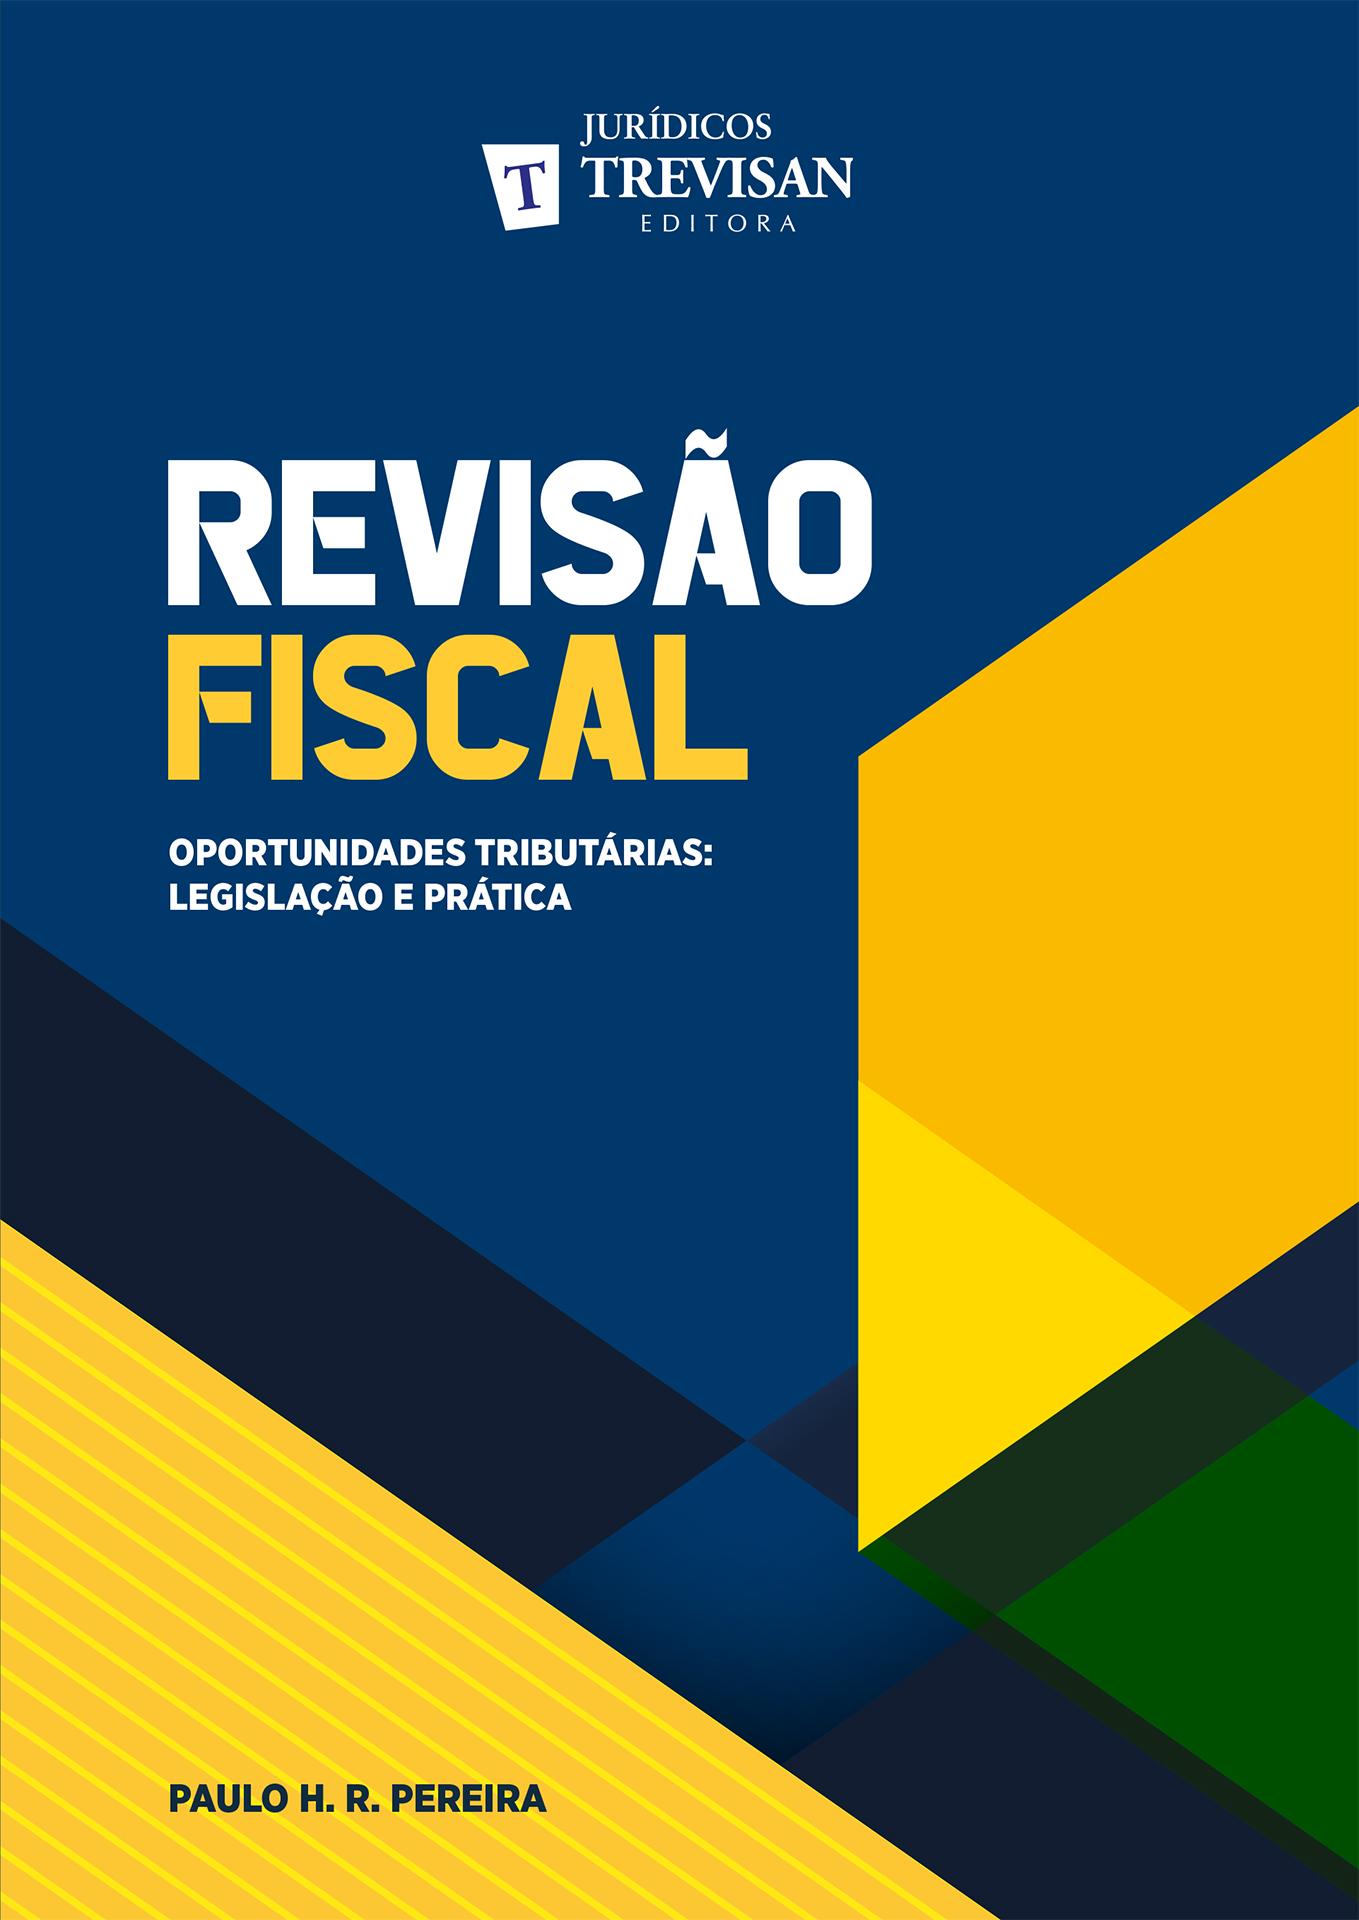 Revisão Fiscal -  Oportunidades tributárias: legislação e prática